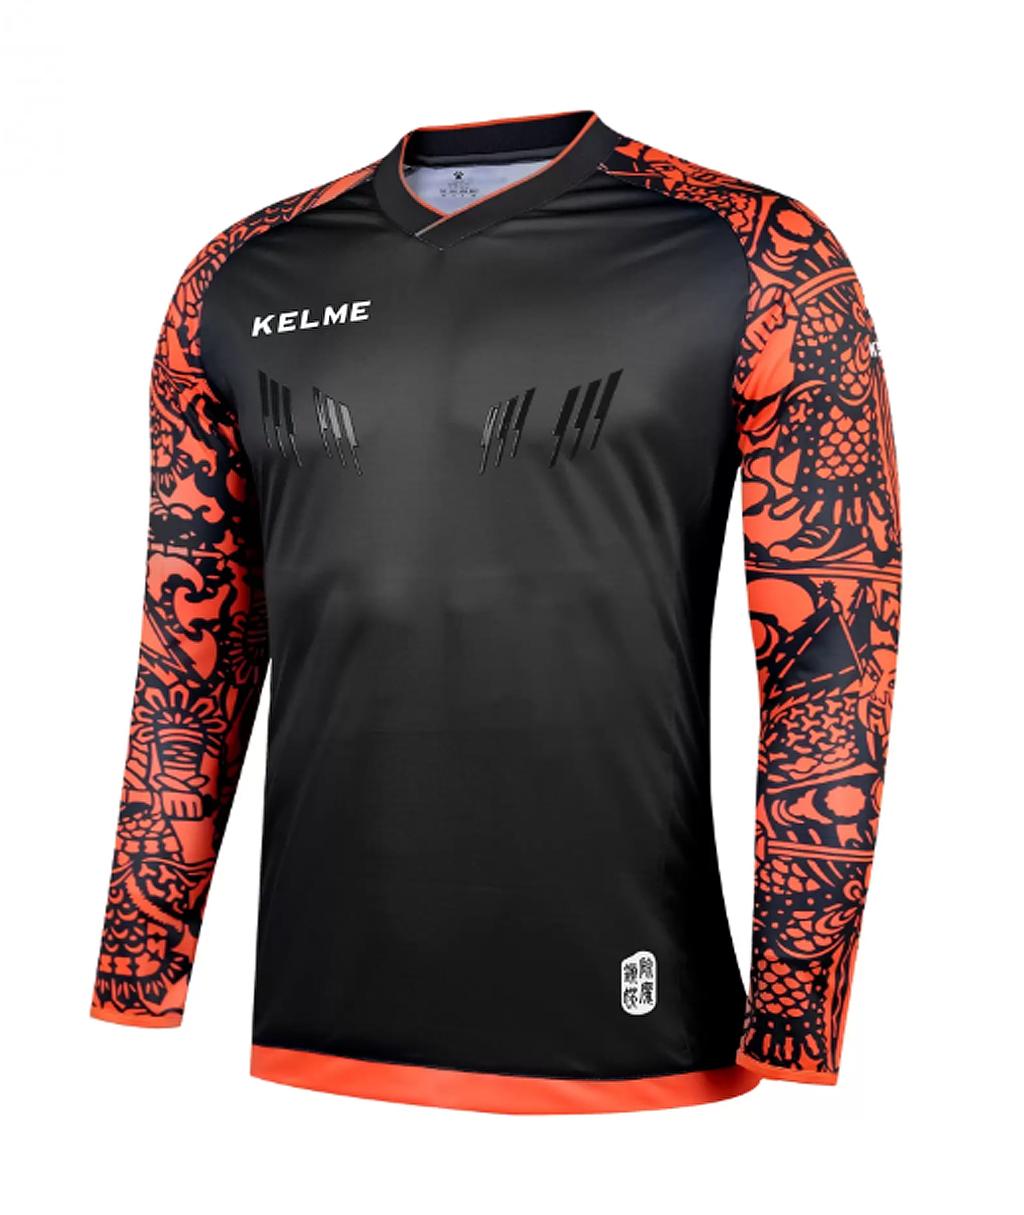 Купить детский вратарский свитер Kelme Goalkeeper K080C-009 в интернет-магазине